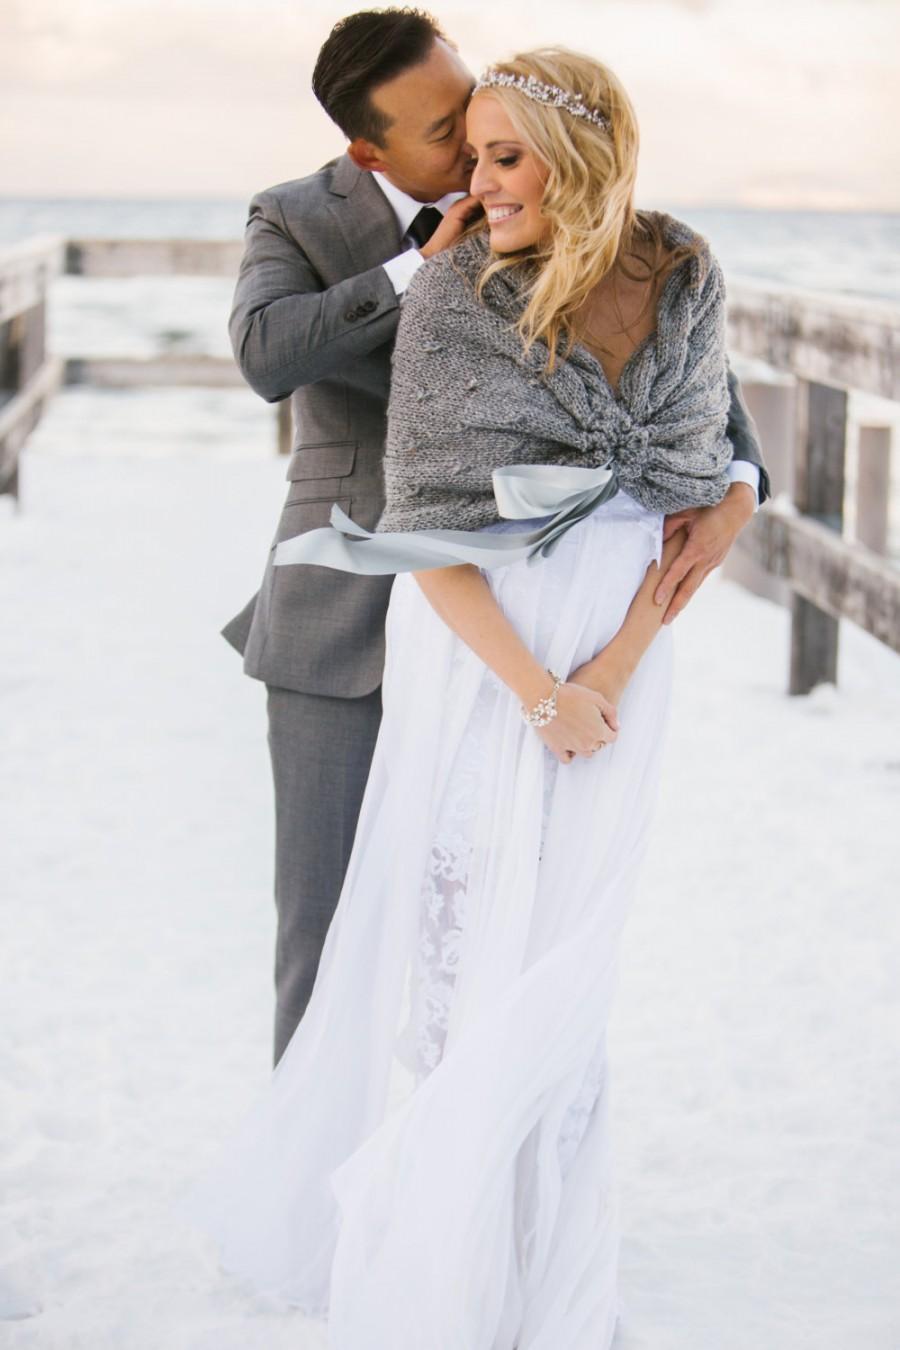 Grey Wedding Shawl Bridal Shrug Bolero Stole White Capelet Cape Cover Up Wrap